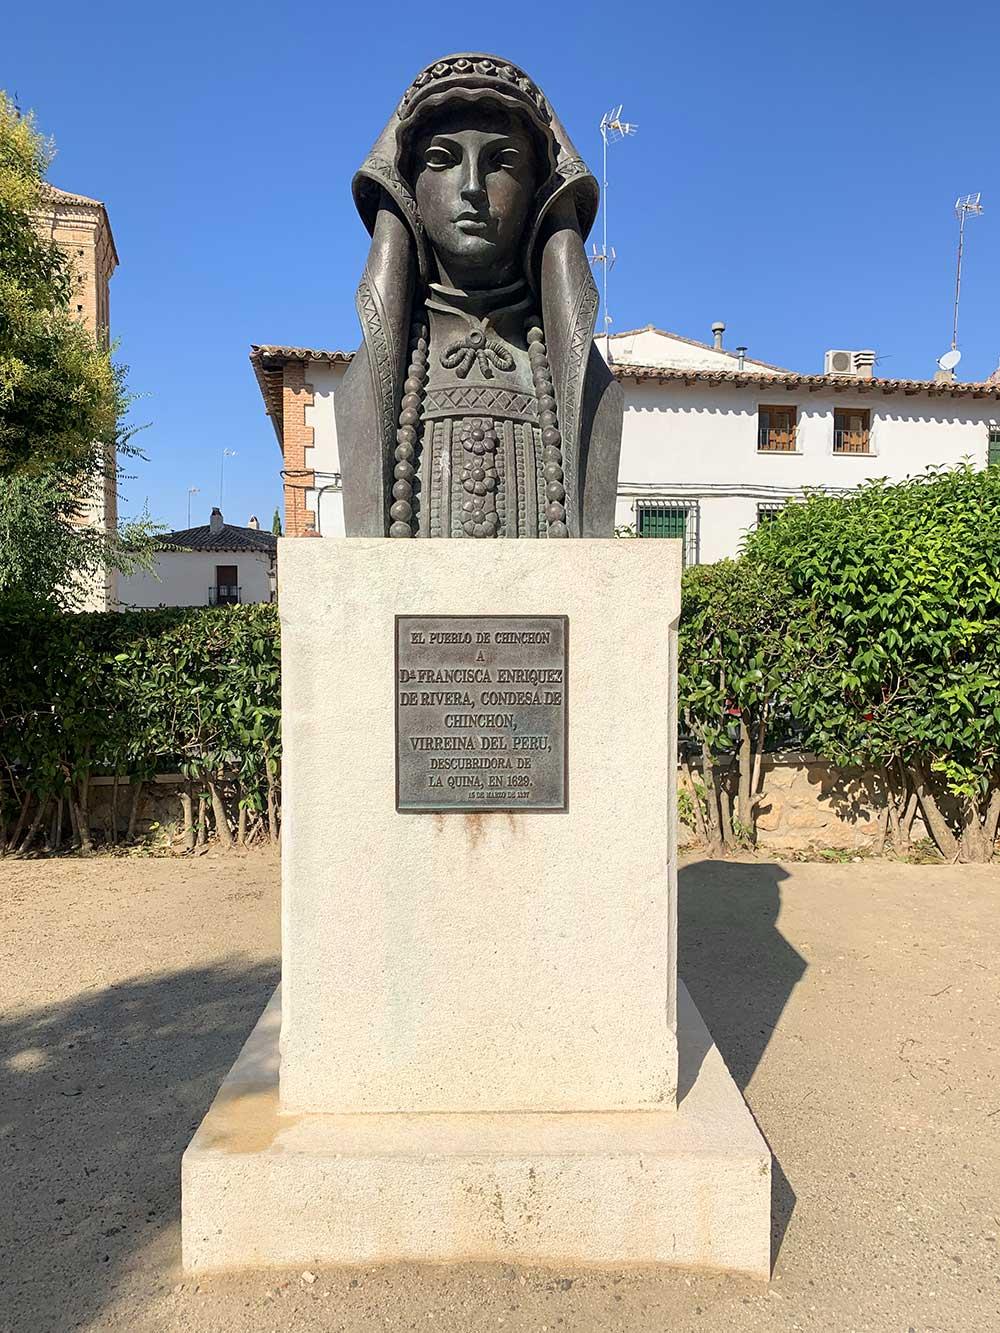 Qué ver en Chinchón - Estatua homenaje a la Virreina